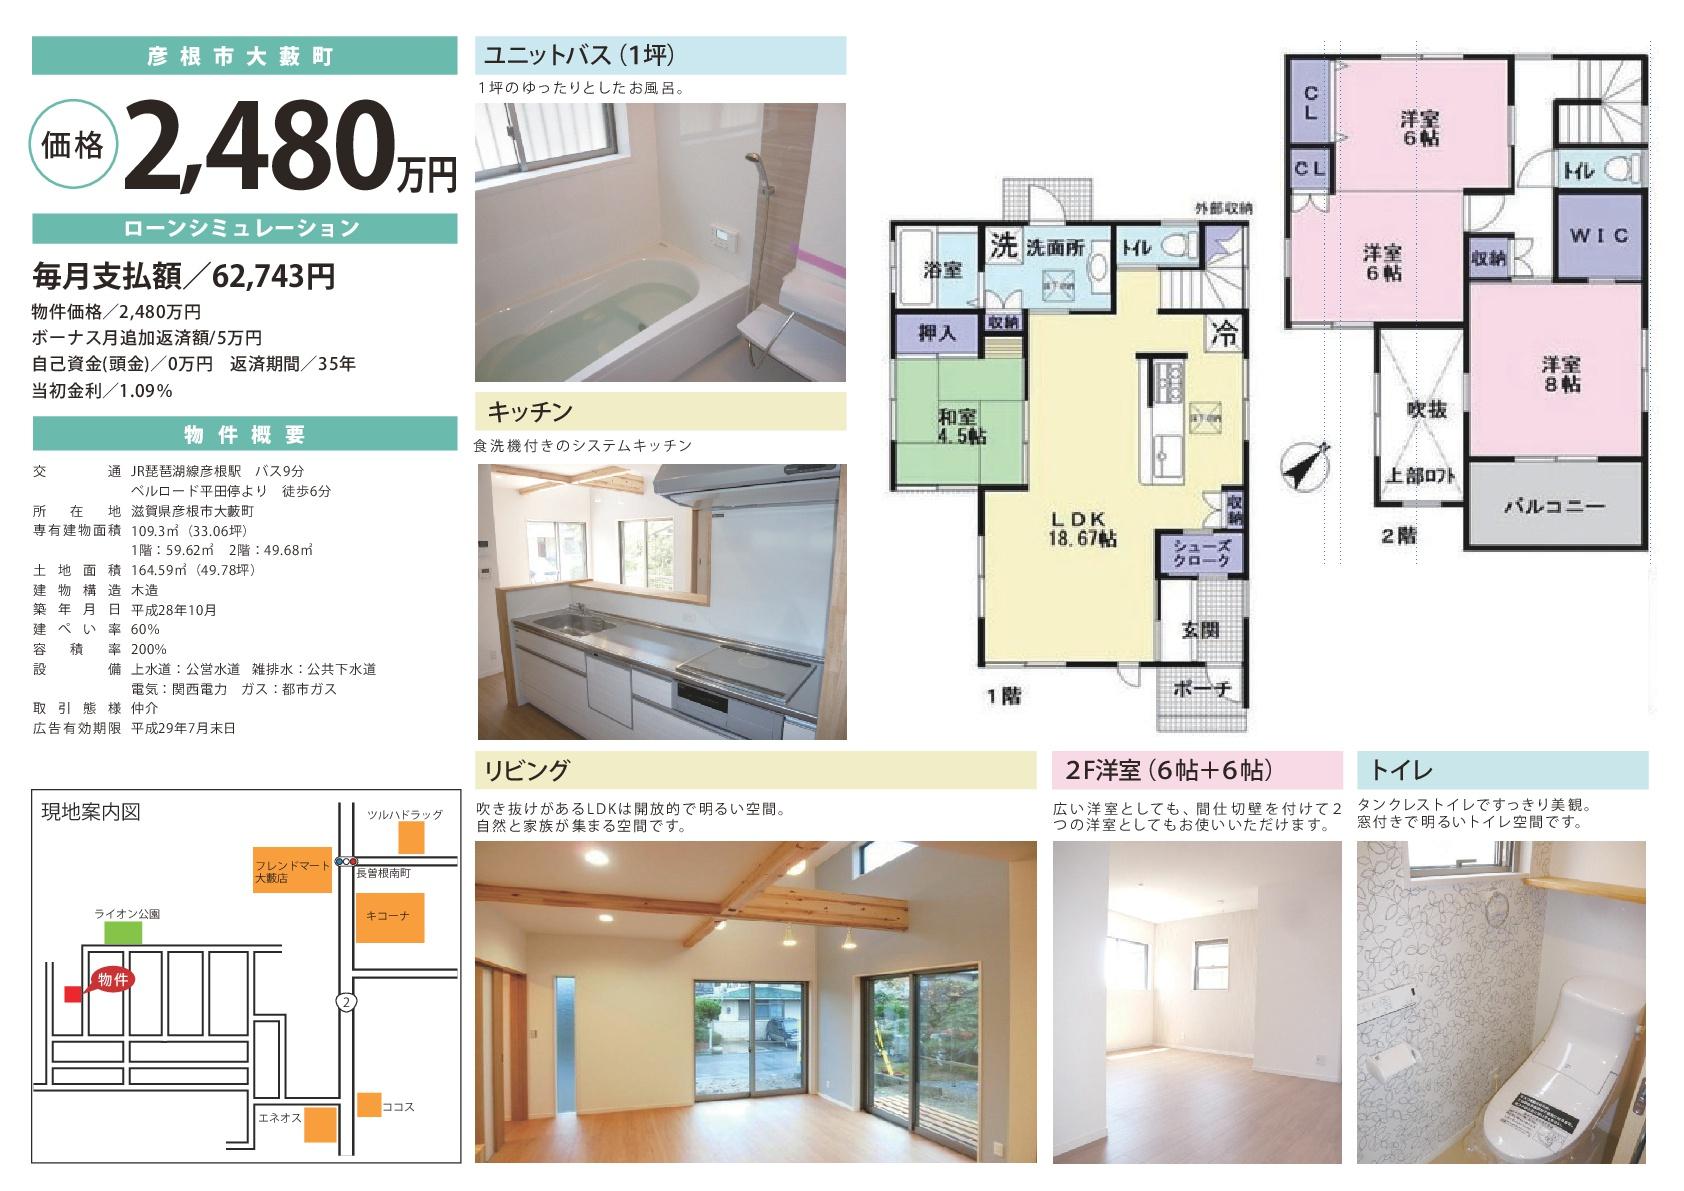 20170704宅地分譲(大藪町 裏)